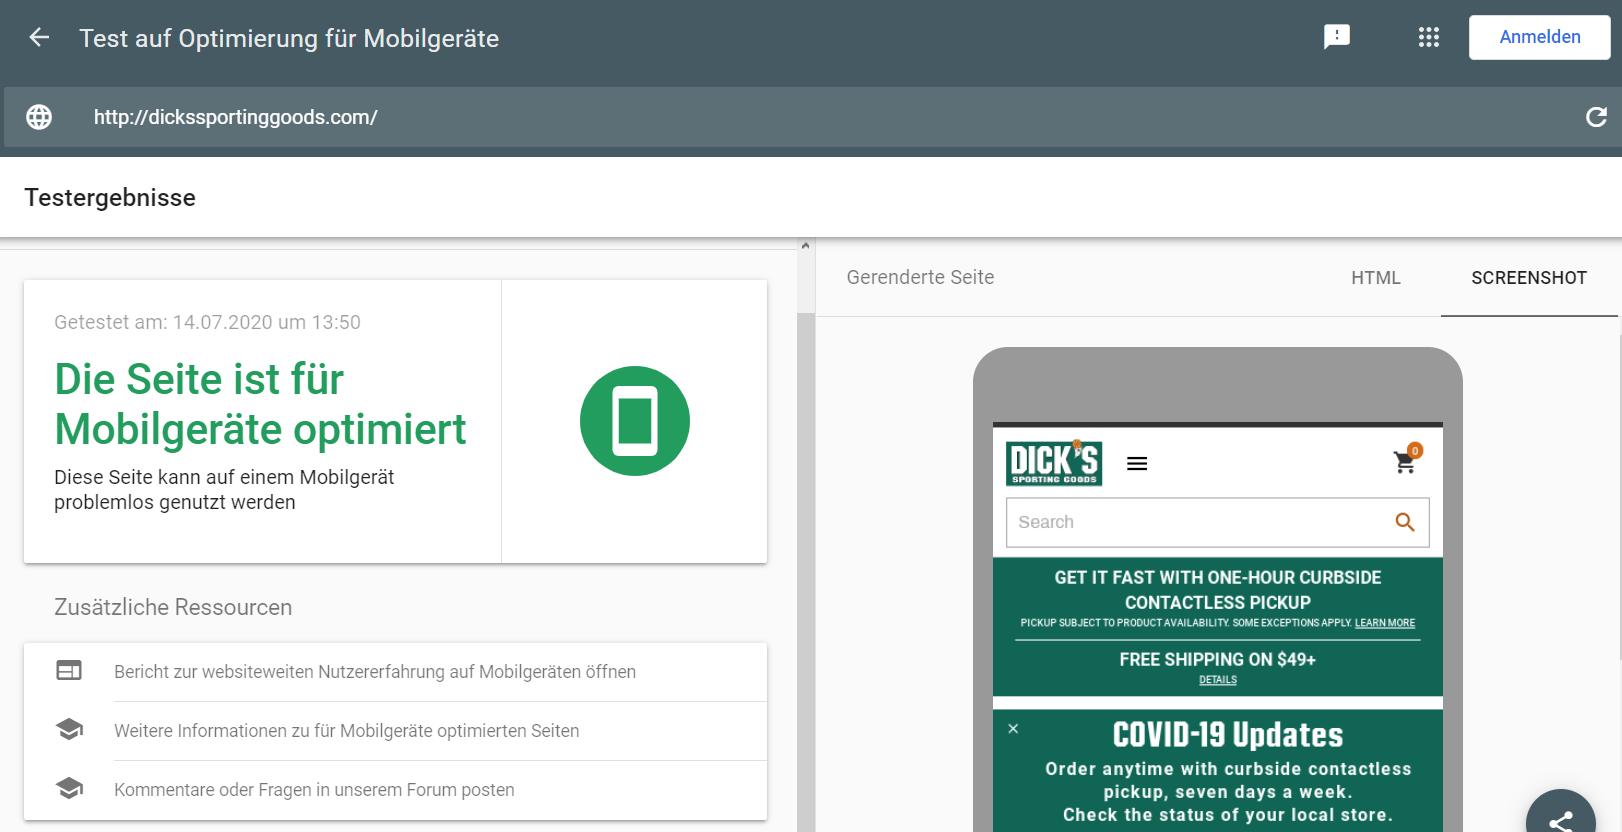 Googles Testtool für Mobilfreundlichkeit